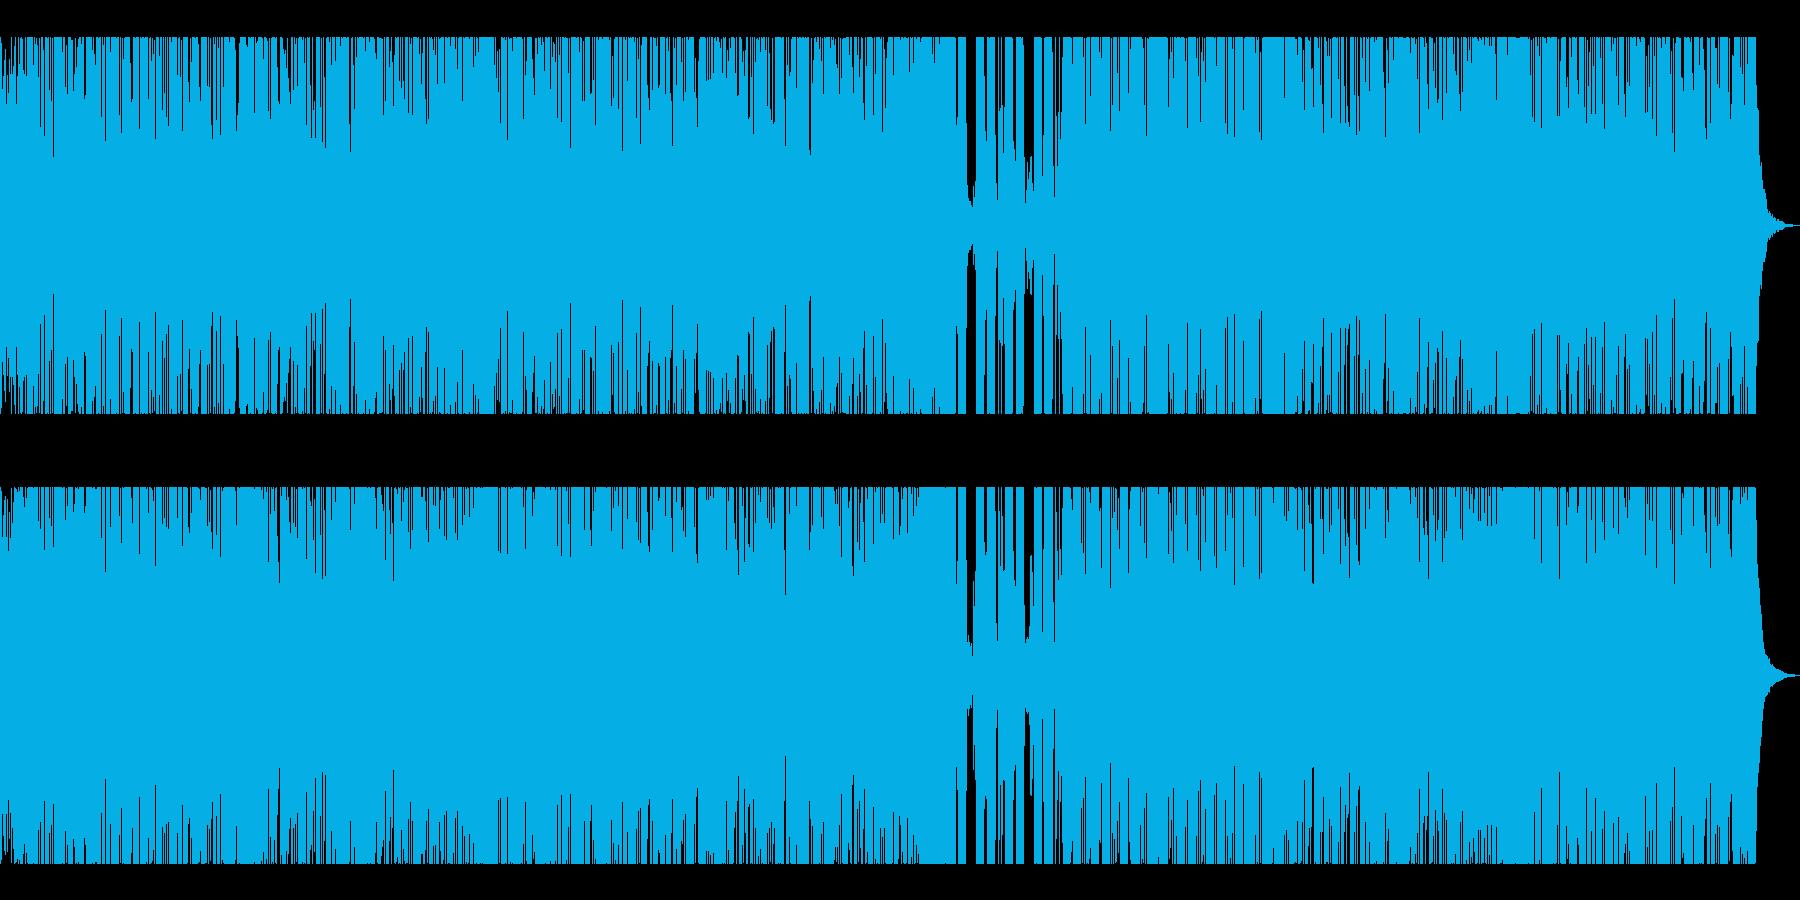 格闘技・Xスポーツ入場シーン向けRockの再生済みの波形